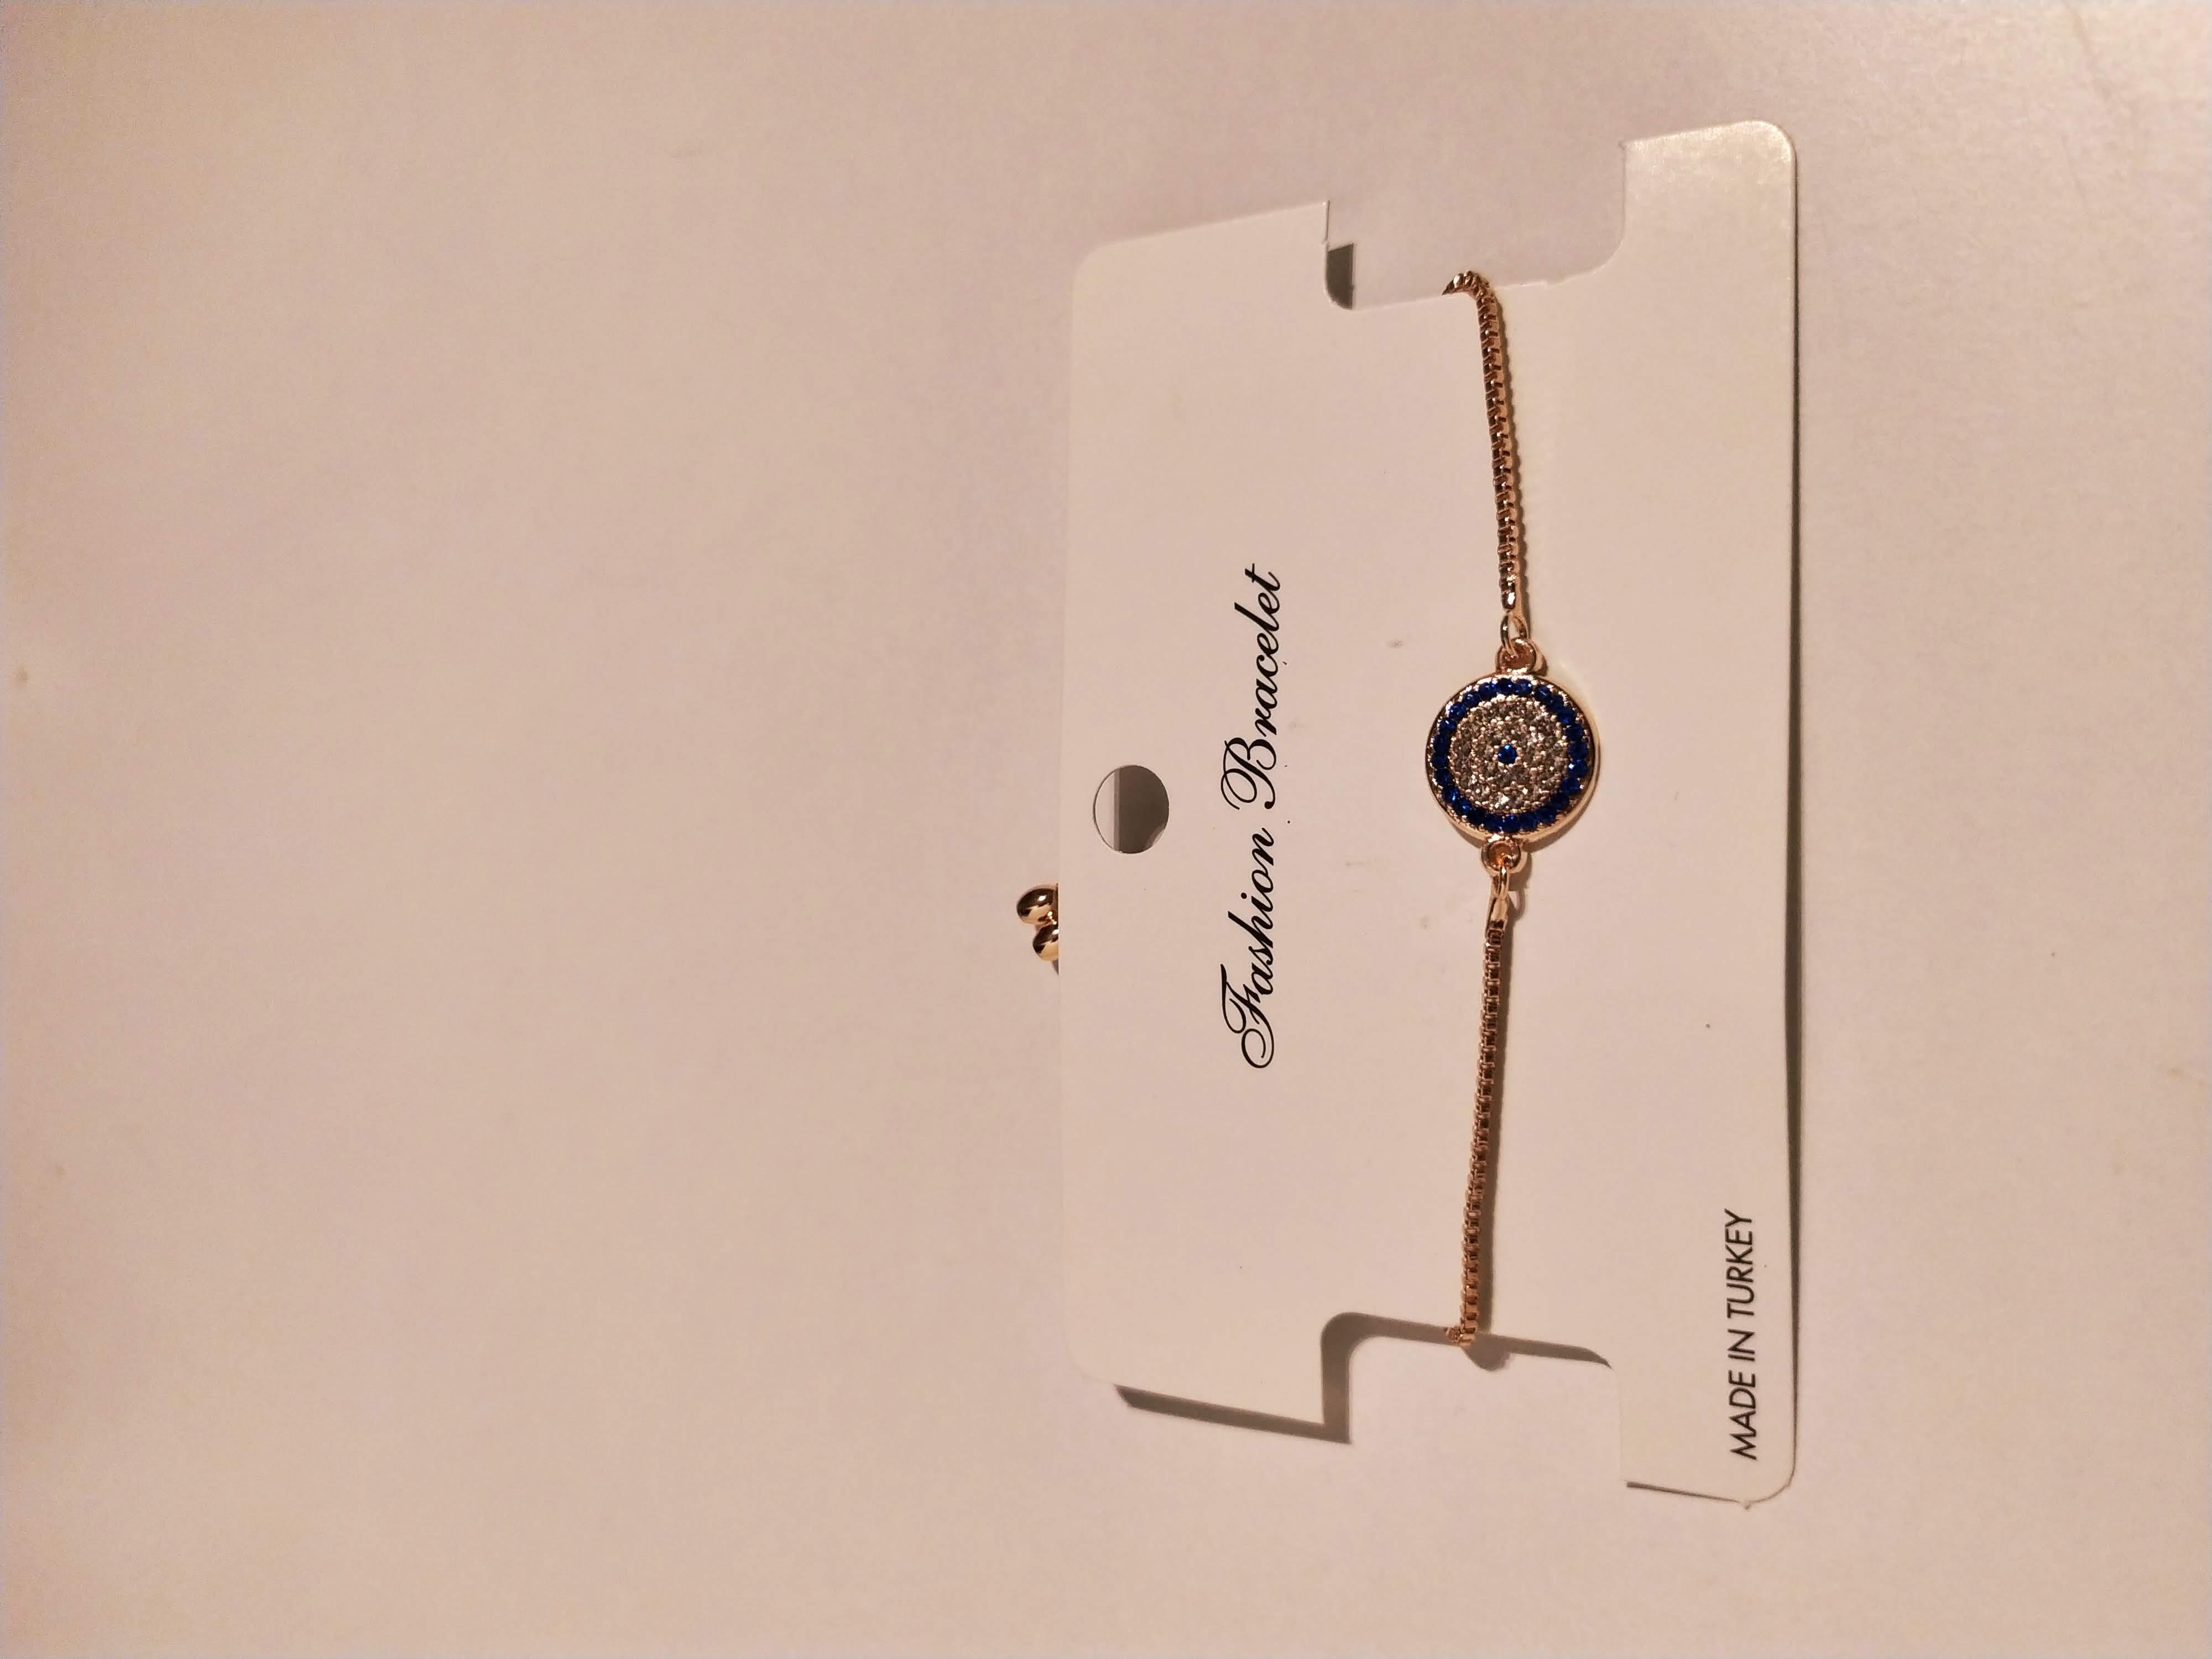 حجر الزيركون ، مطلي بالذهب ، غير مسبوق ، سوار أسود / zircon stone, gold plated, non allergic, bracelet